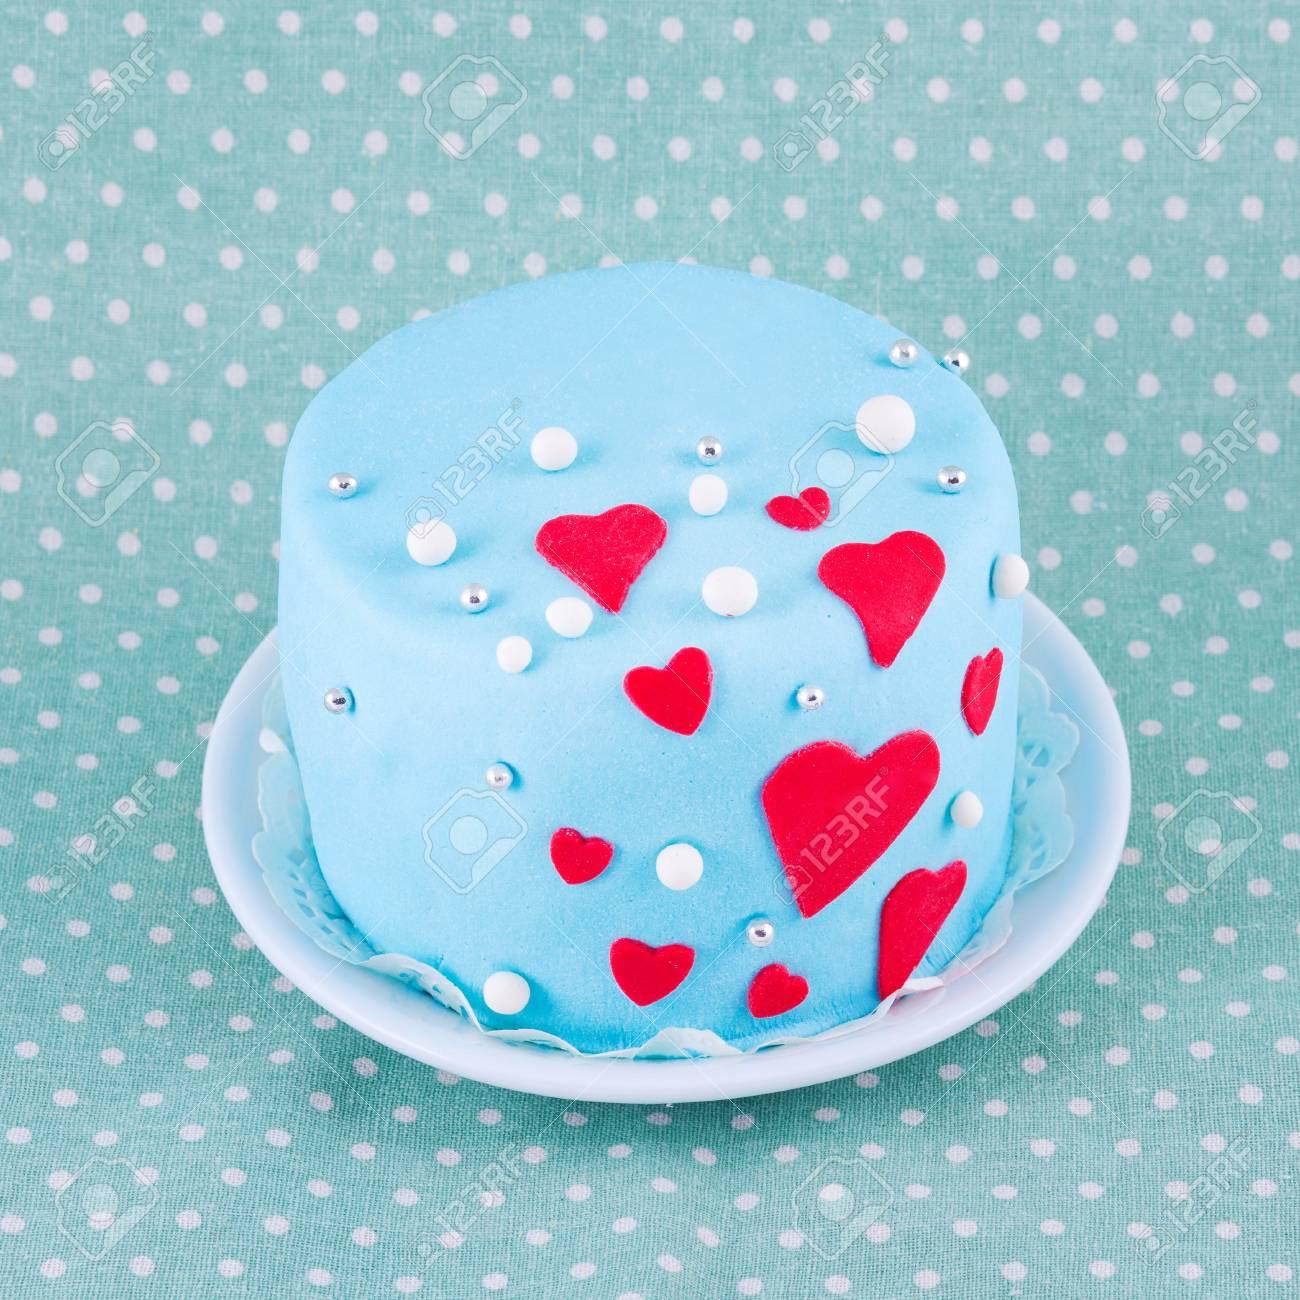 Blaue Kuchen Fur Valentinstag Mit Herzen Lizenzfreie Fotos Bilder